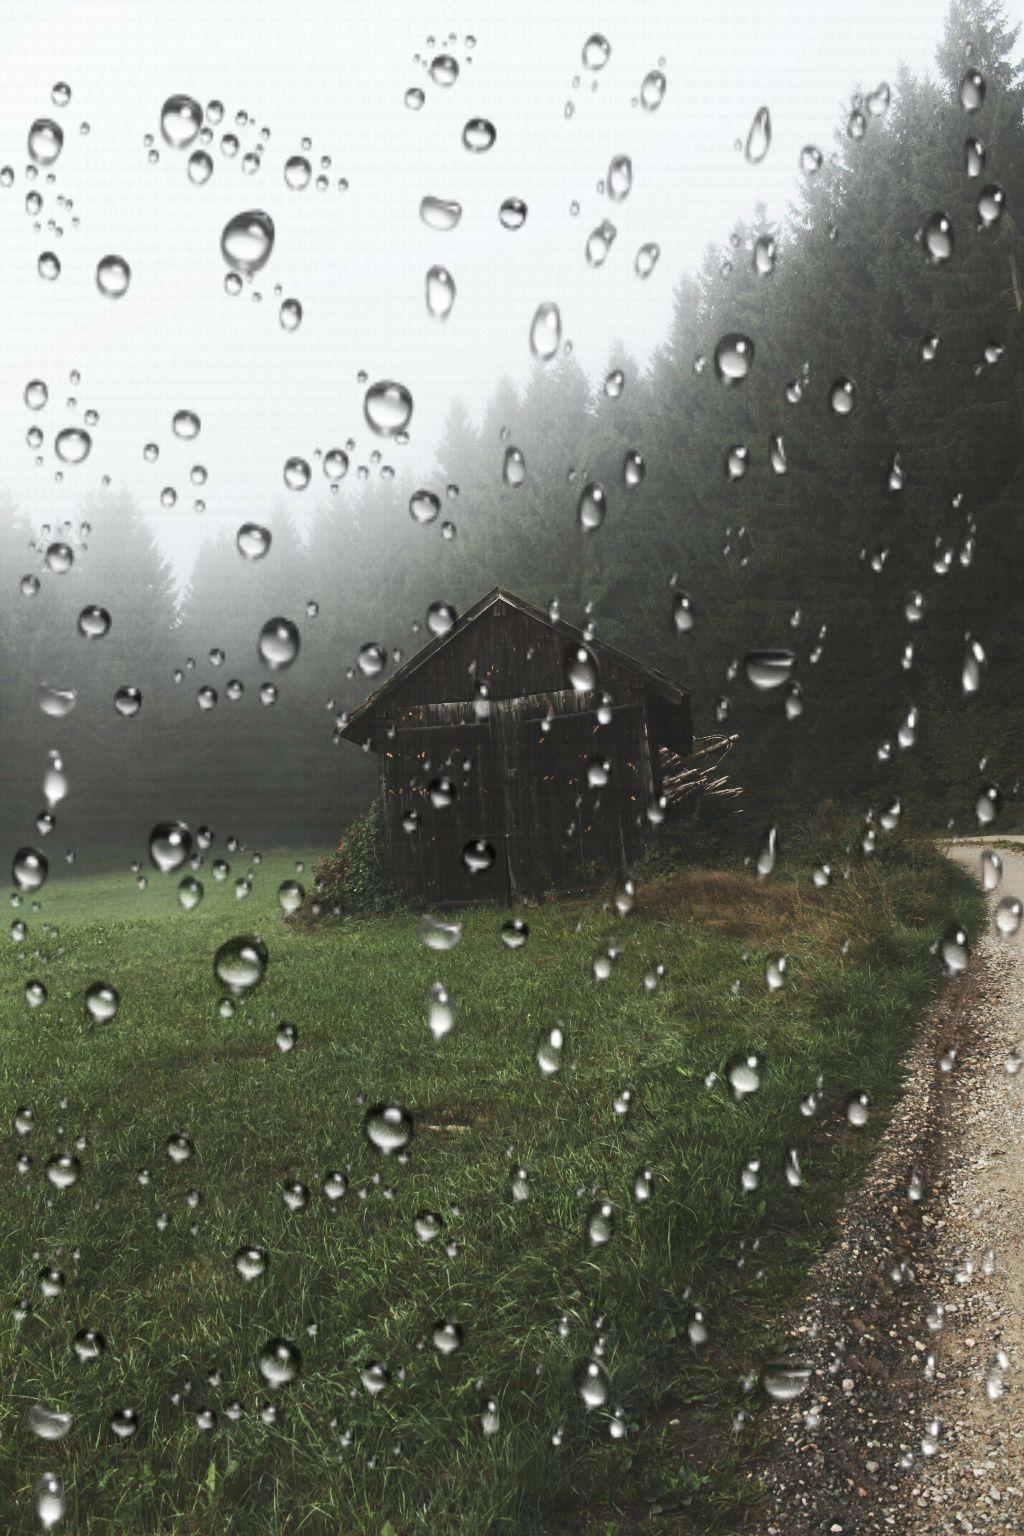 #rain  #beautiful  #peaceful